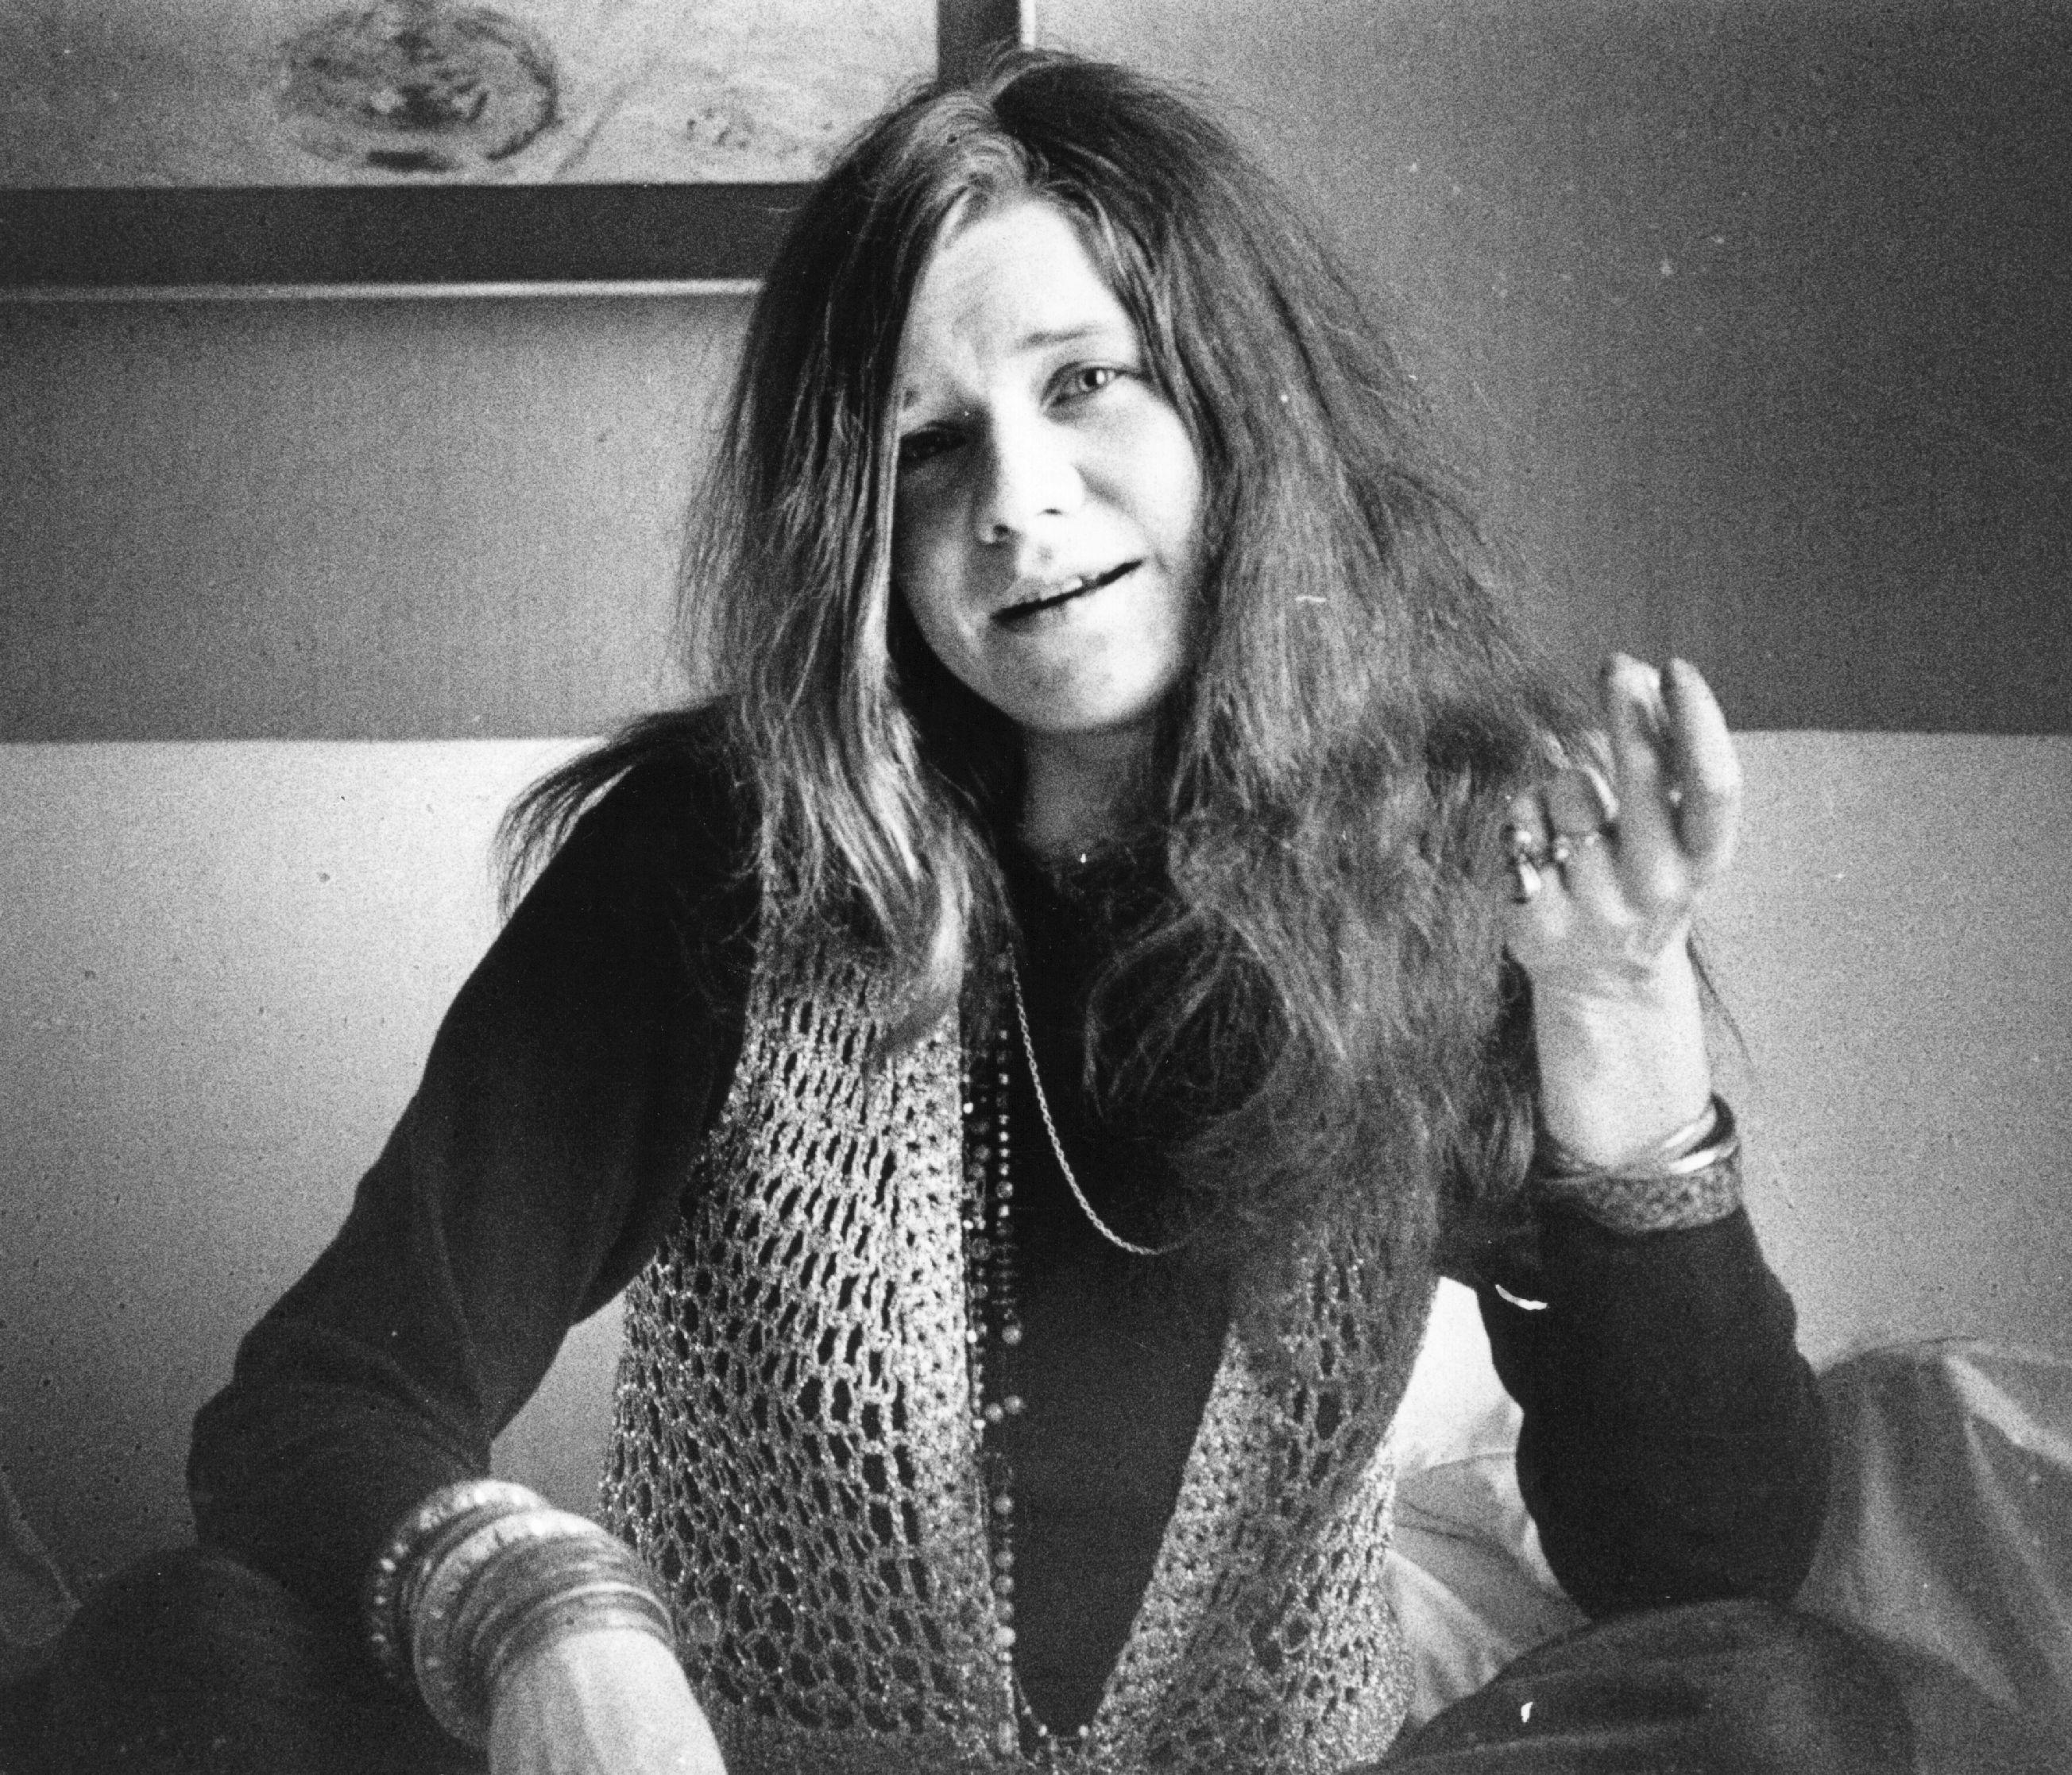 Джанис Джоплин.На4 октомври1970е намерена мъртва вЛендмарк хотелвХоливуд. Официалната версия за смъртта ѝ е приемане на прекалено голямо количествохероиниуиски.